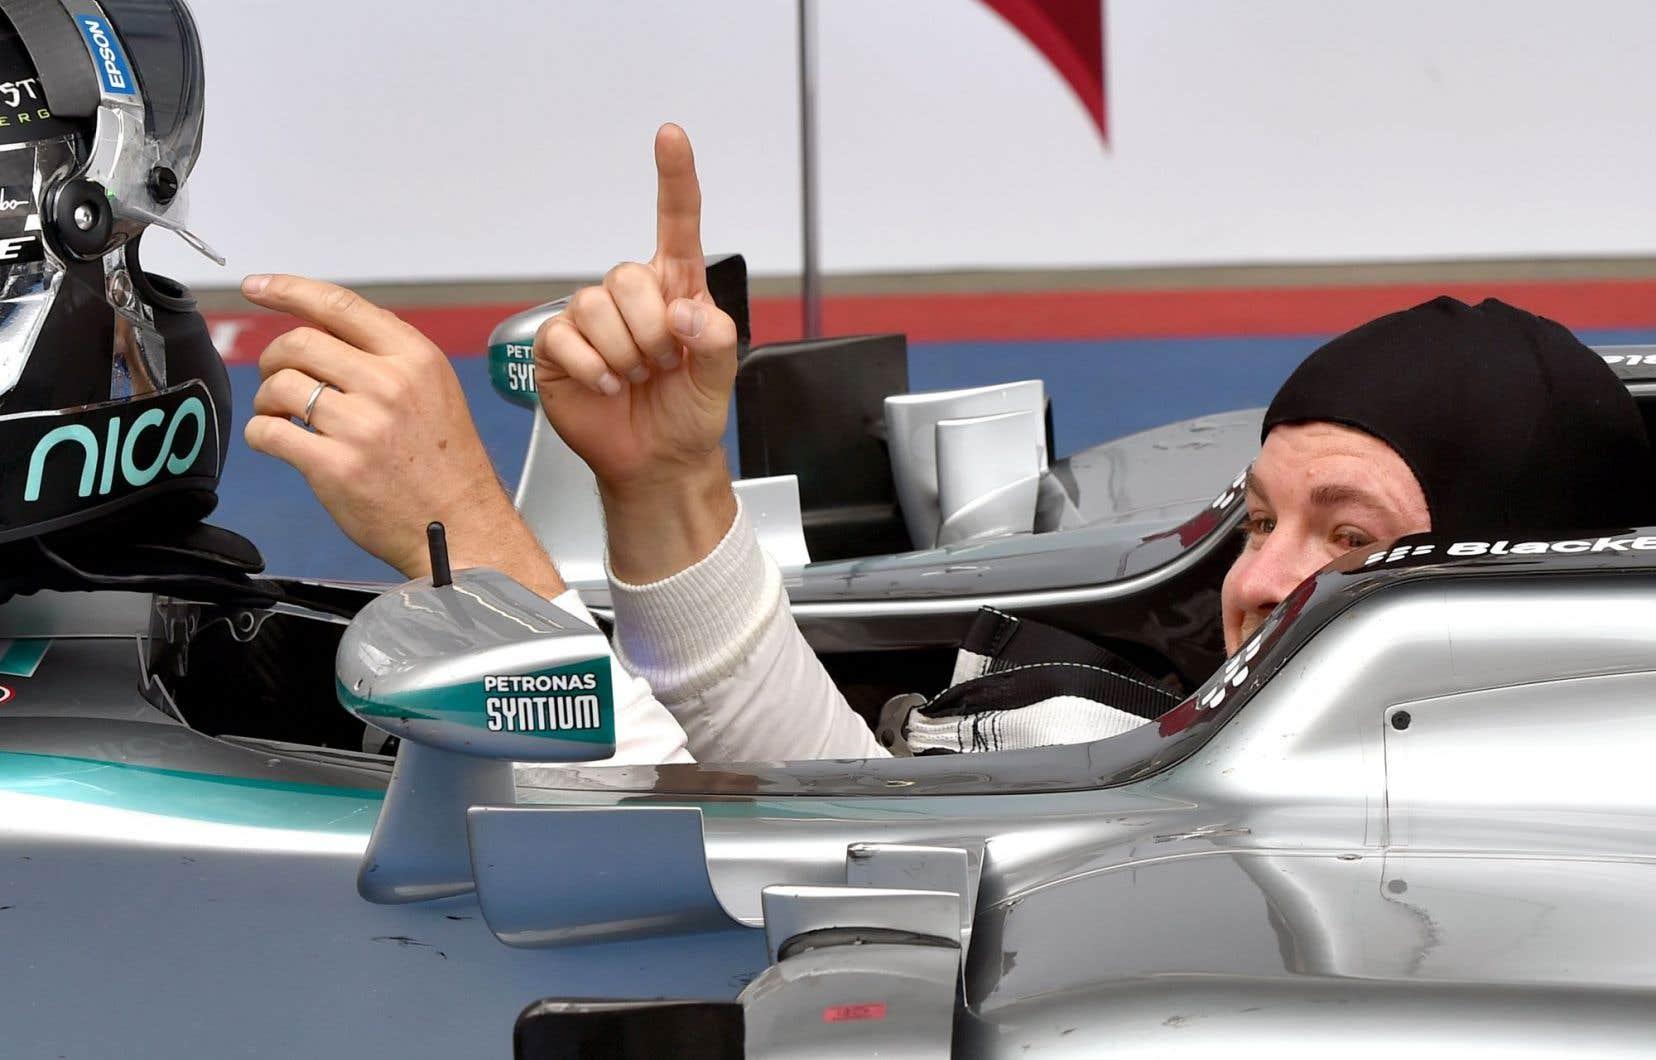 Nico Rosberg a fait le signe de la victoire après avoir remporté le Grand Prix d'Autriche.